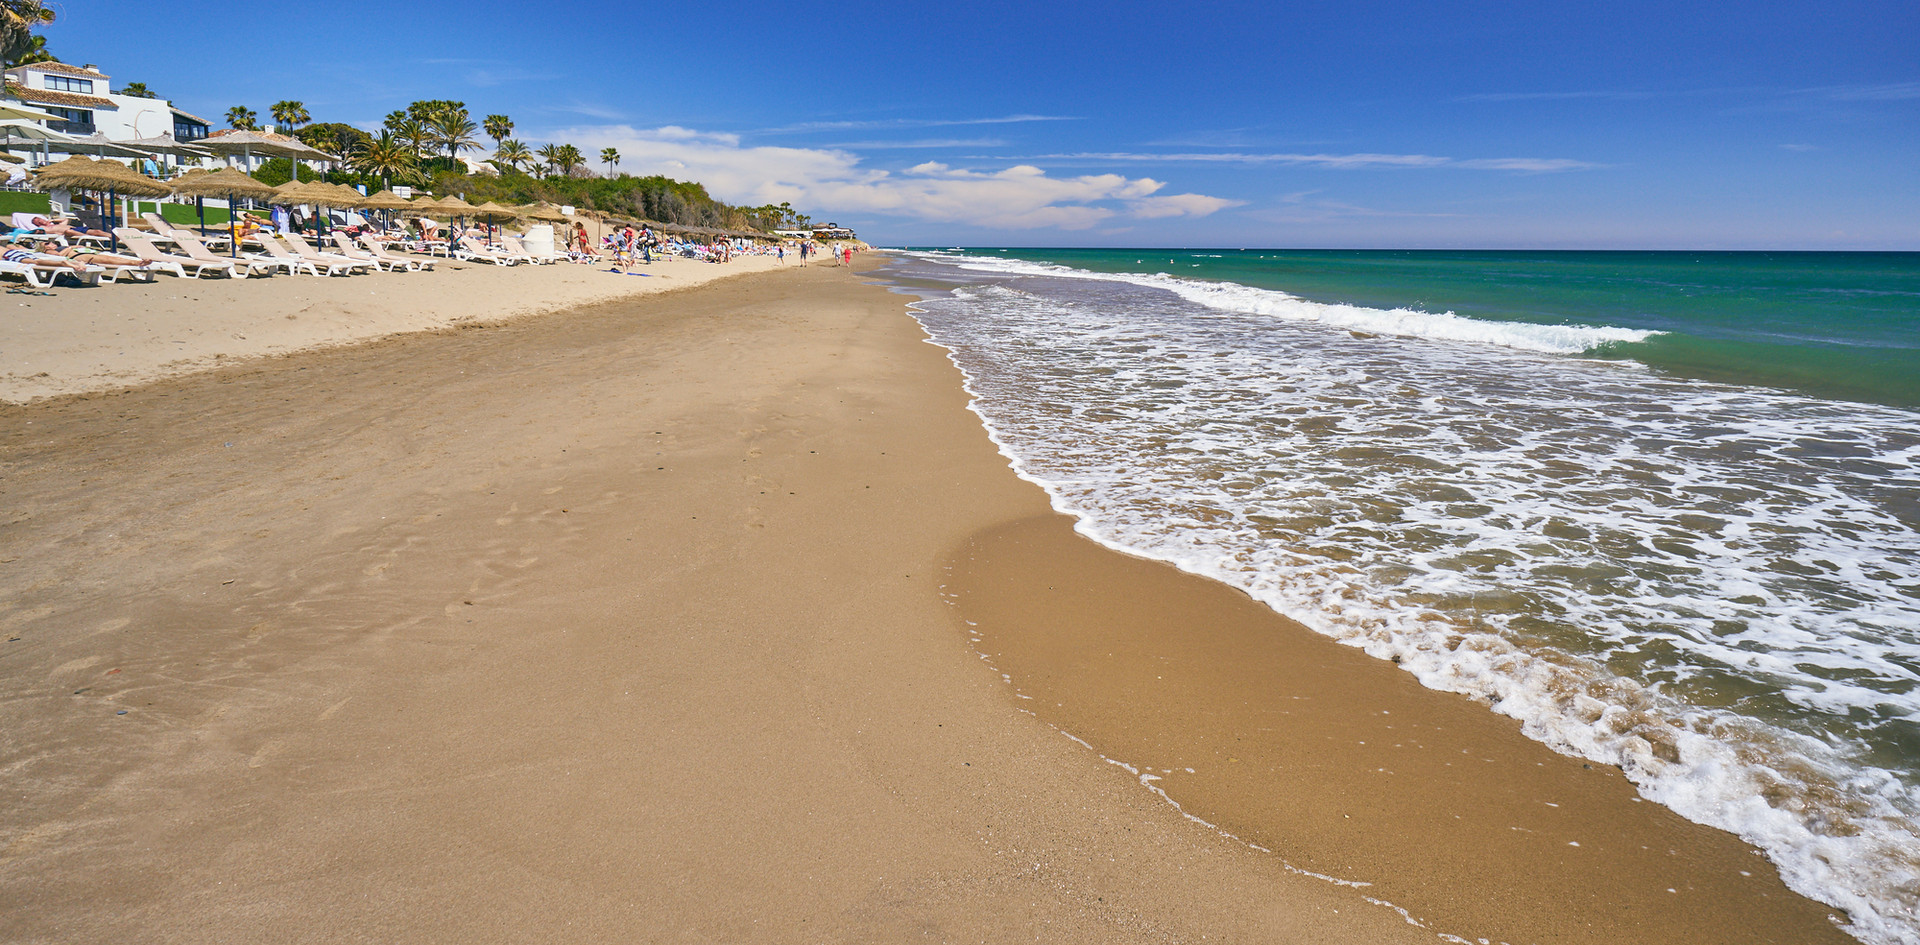 Estas en primera linea de las mejores playas de Marbella de frente de tu piso de vacaciones